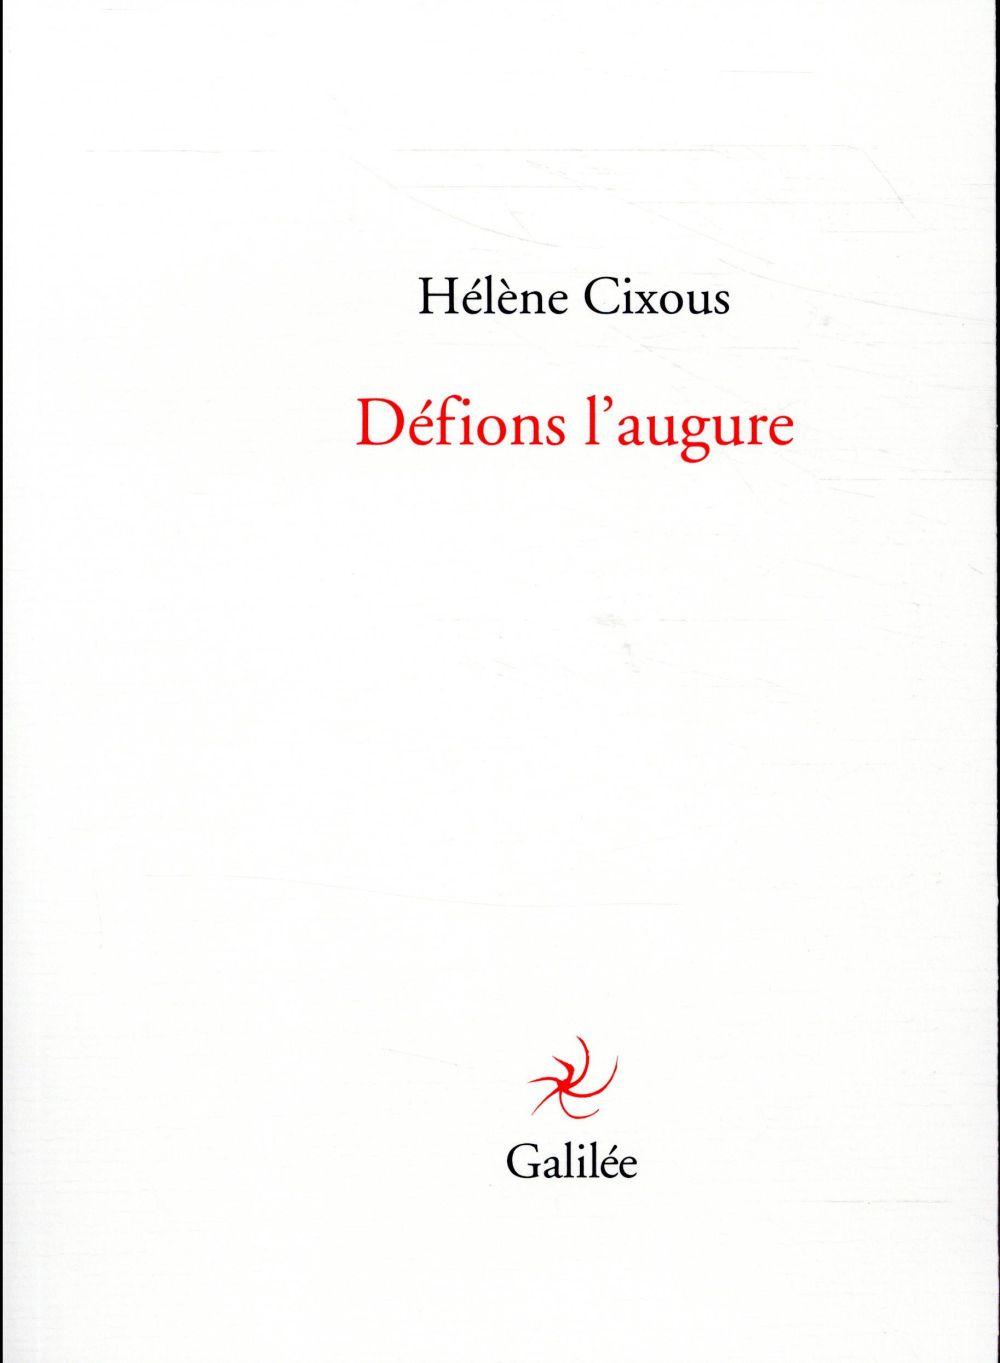 DEFIONS L'AUGURE